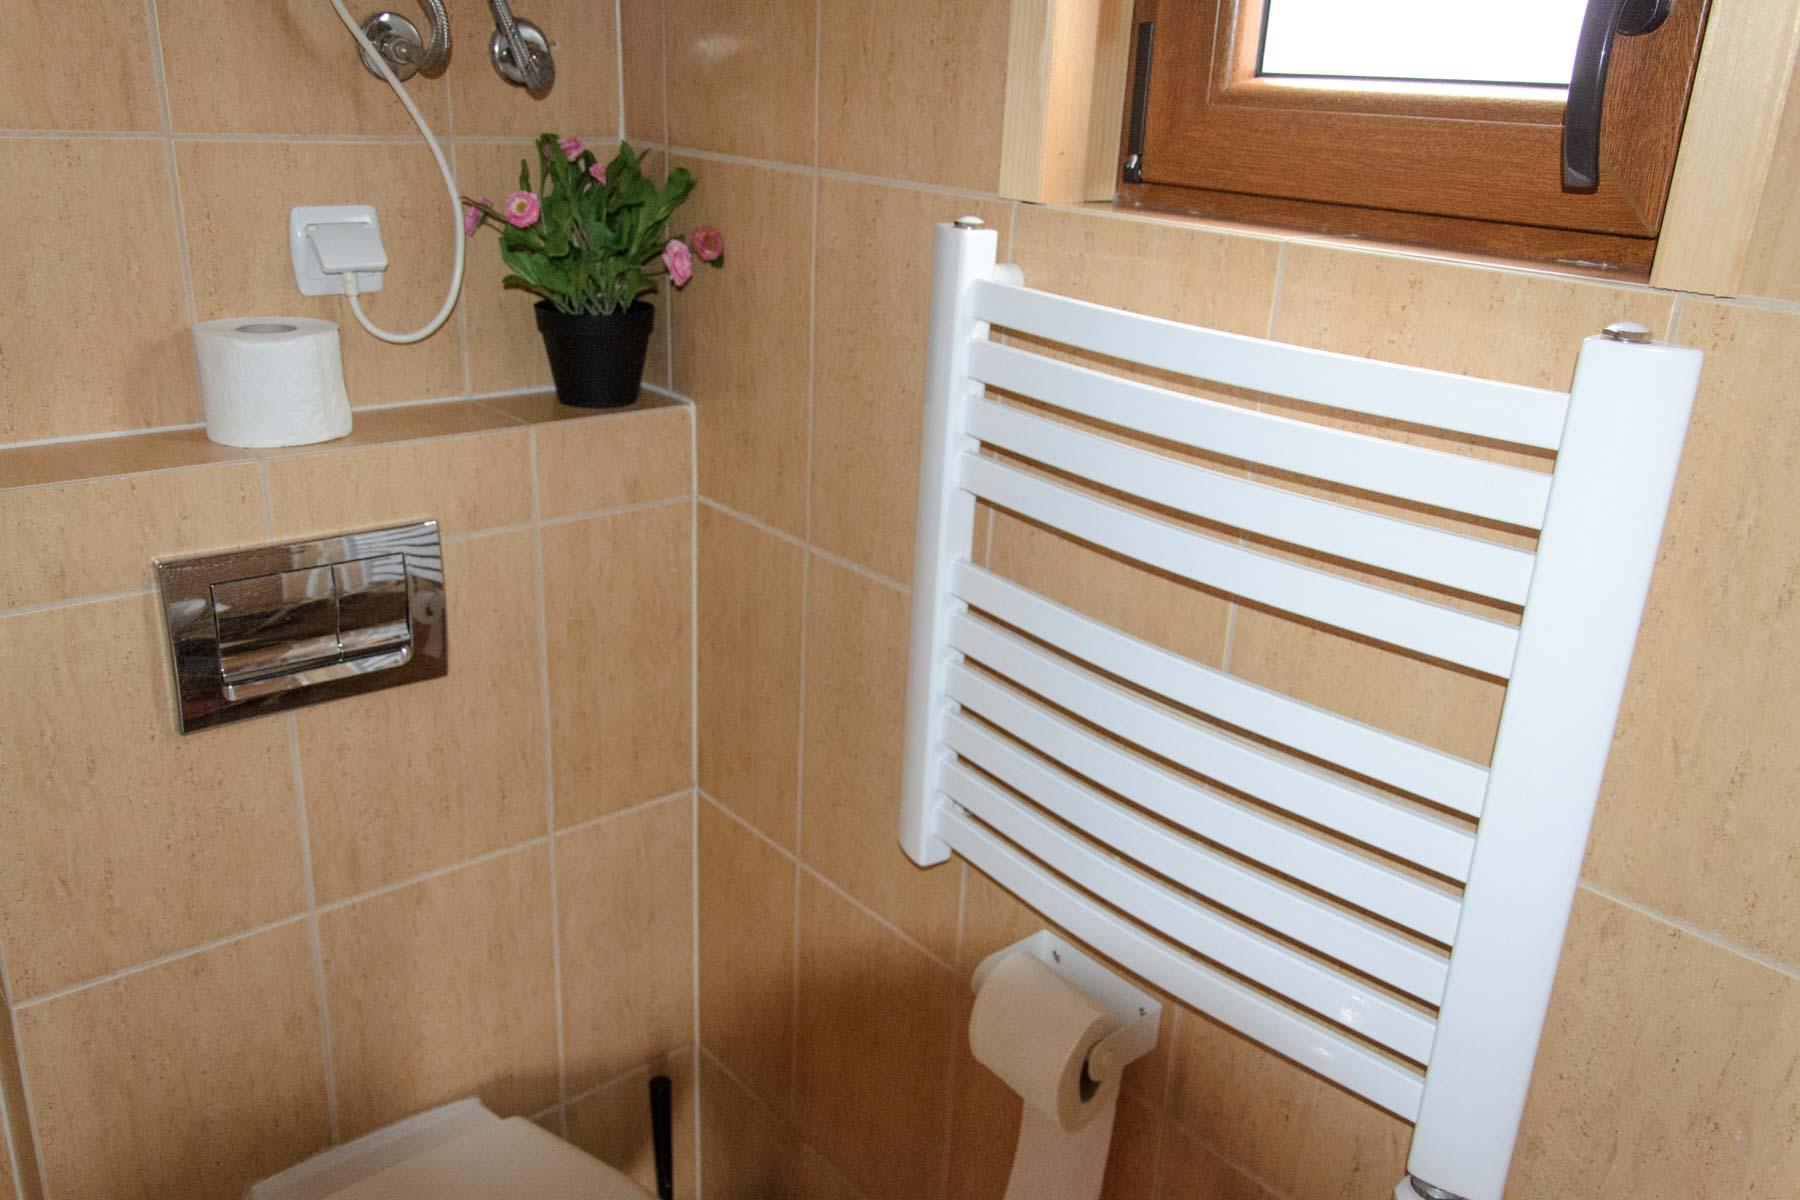 Łazienka w domku letniskowym w Kopalinie